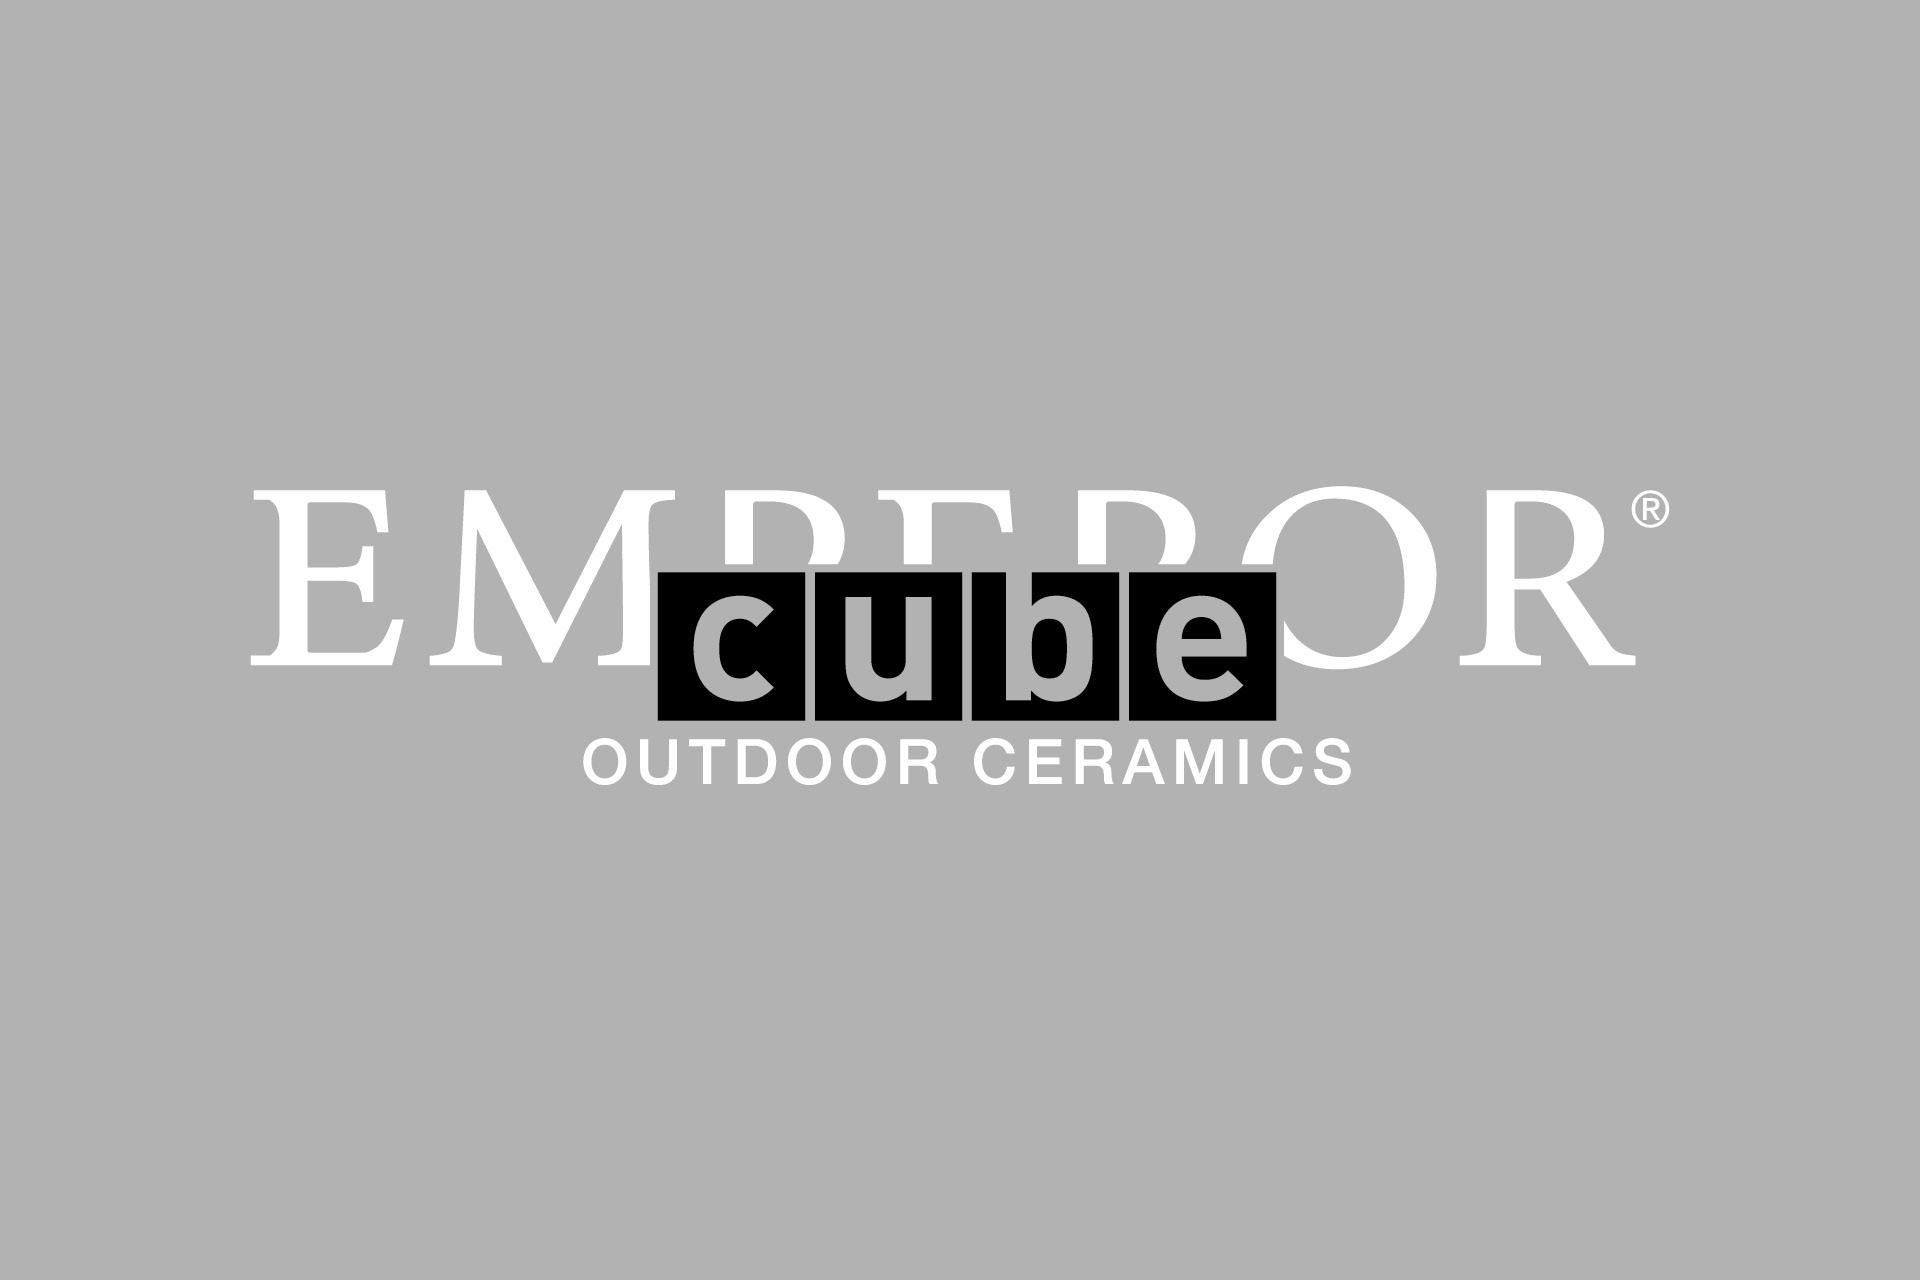 Emperor Cube Logo